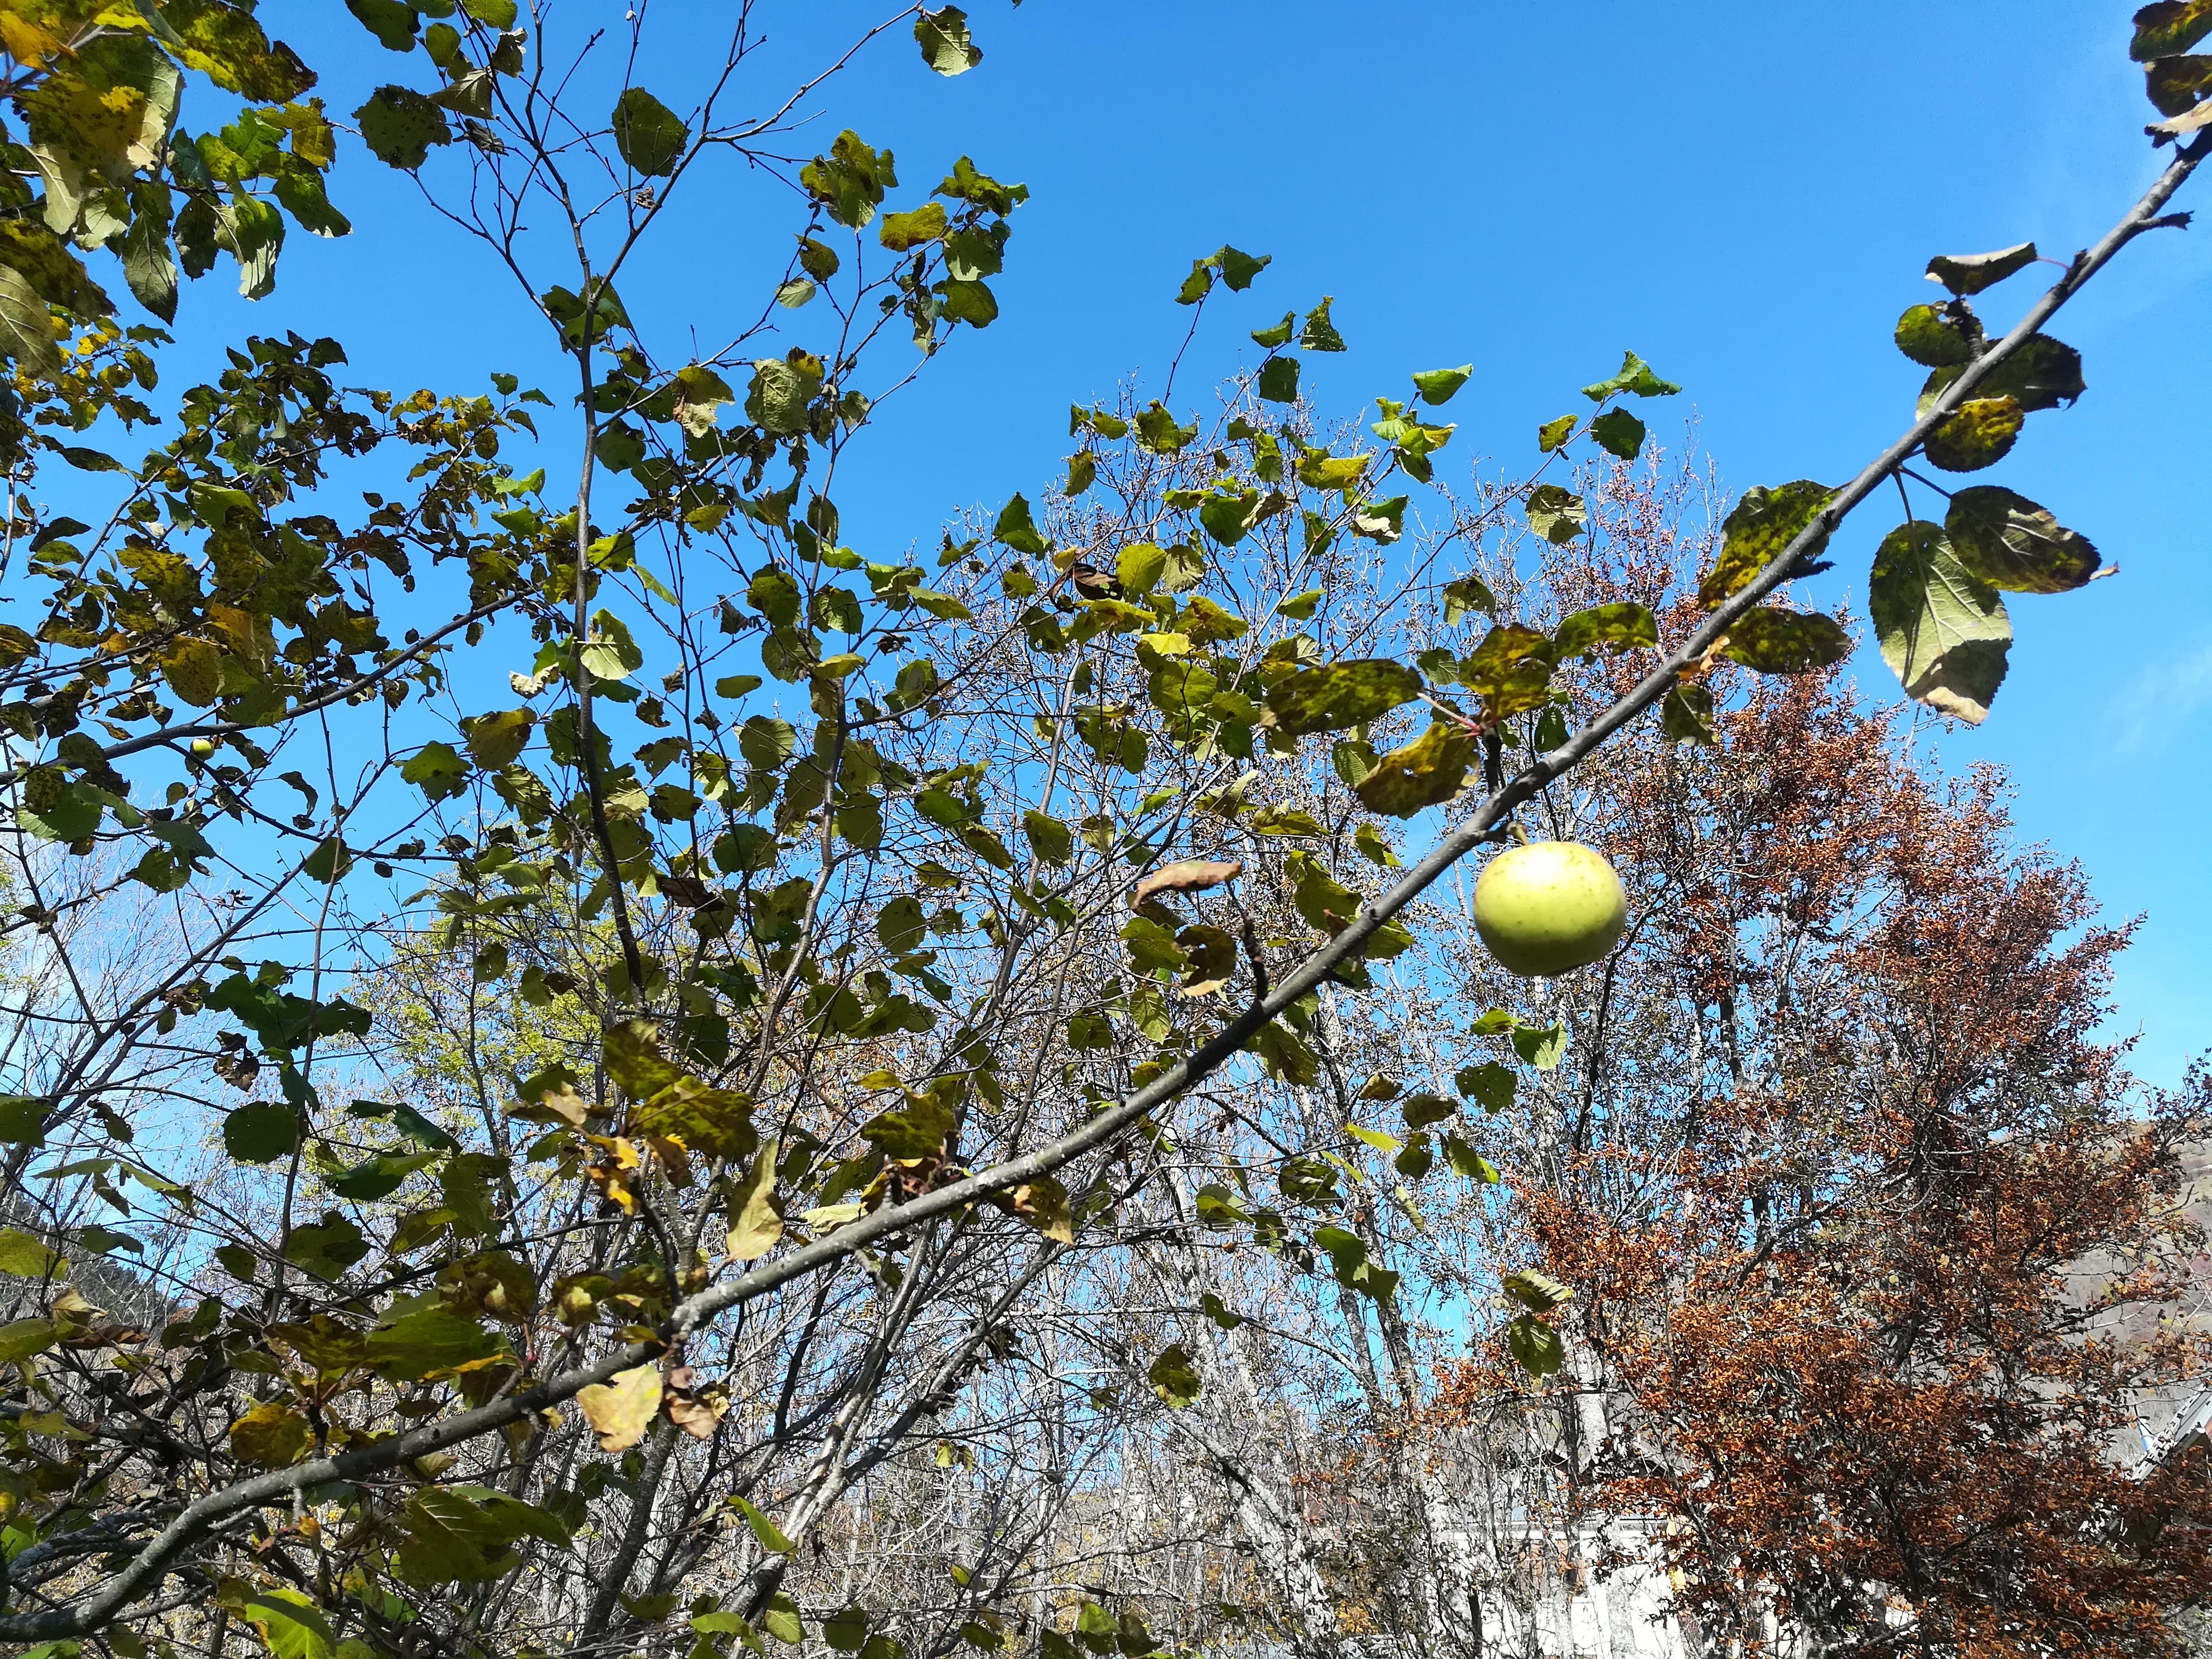 La dernière pomme du pommier